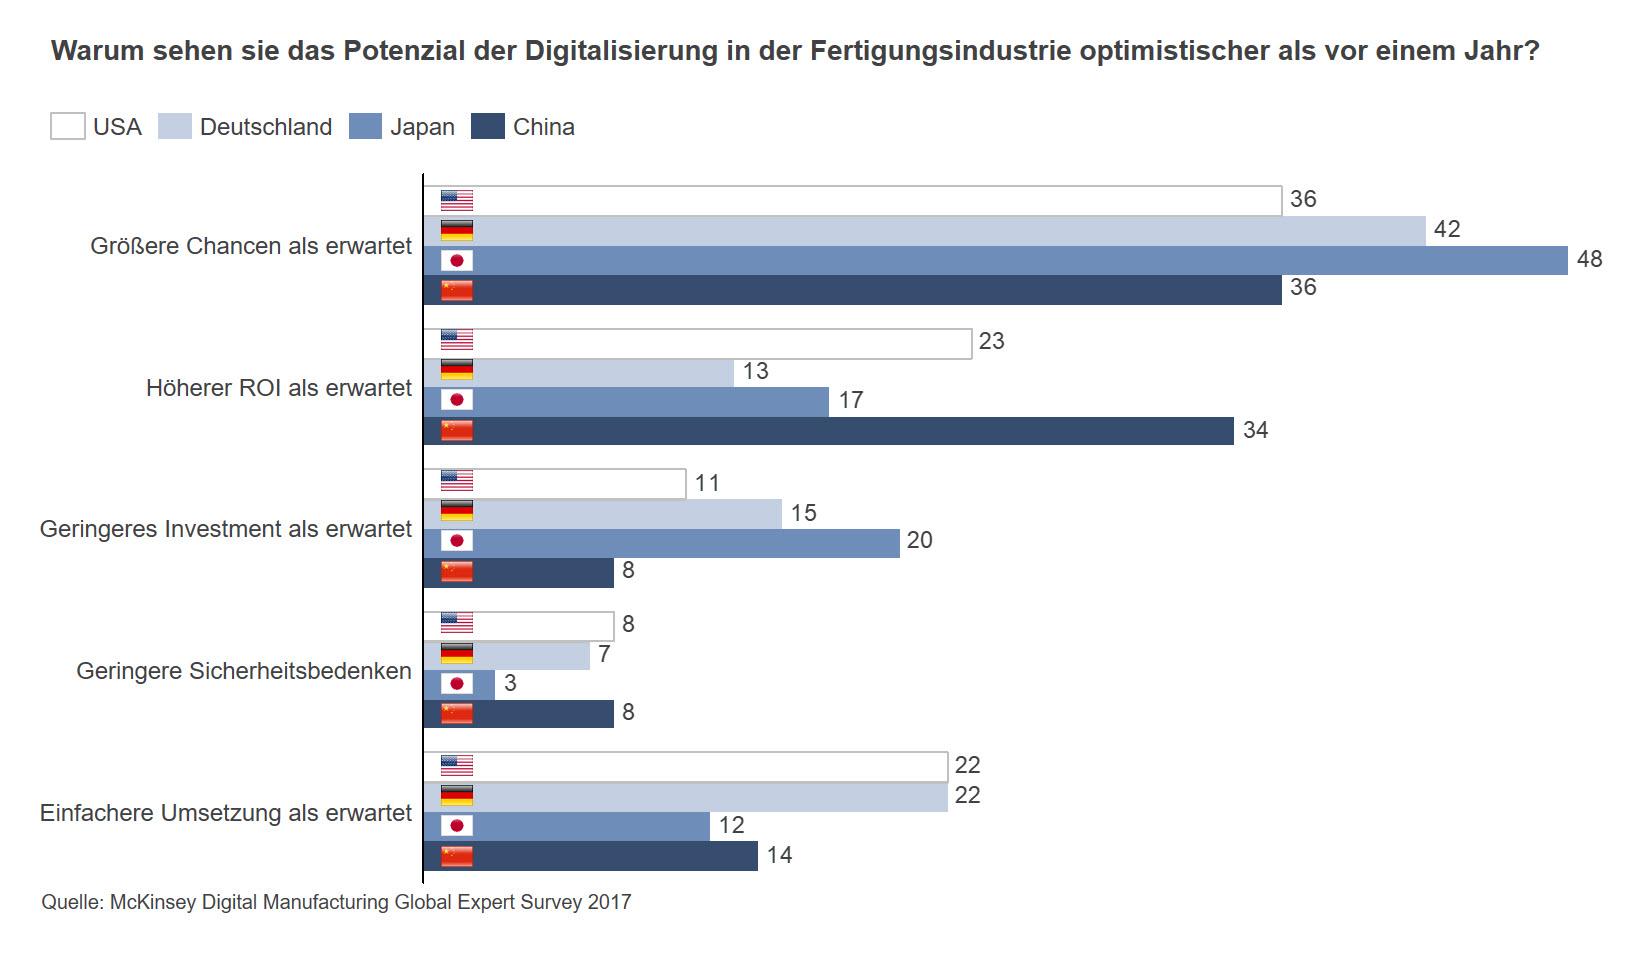 Gründe für den gestiegenen Optimismus für eine Digitalisierungsstrategie